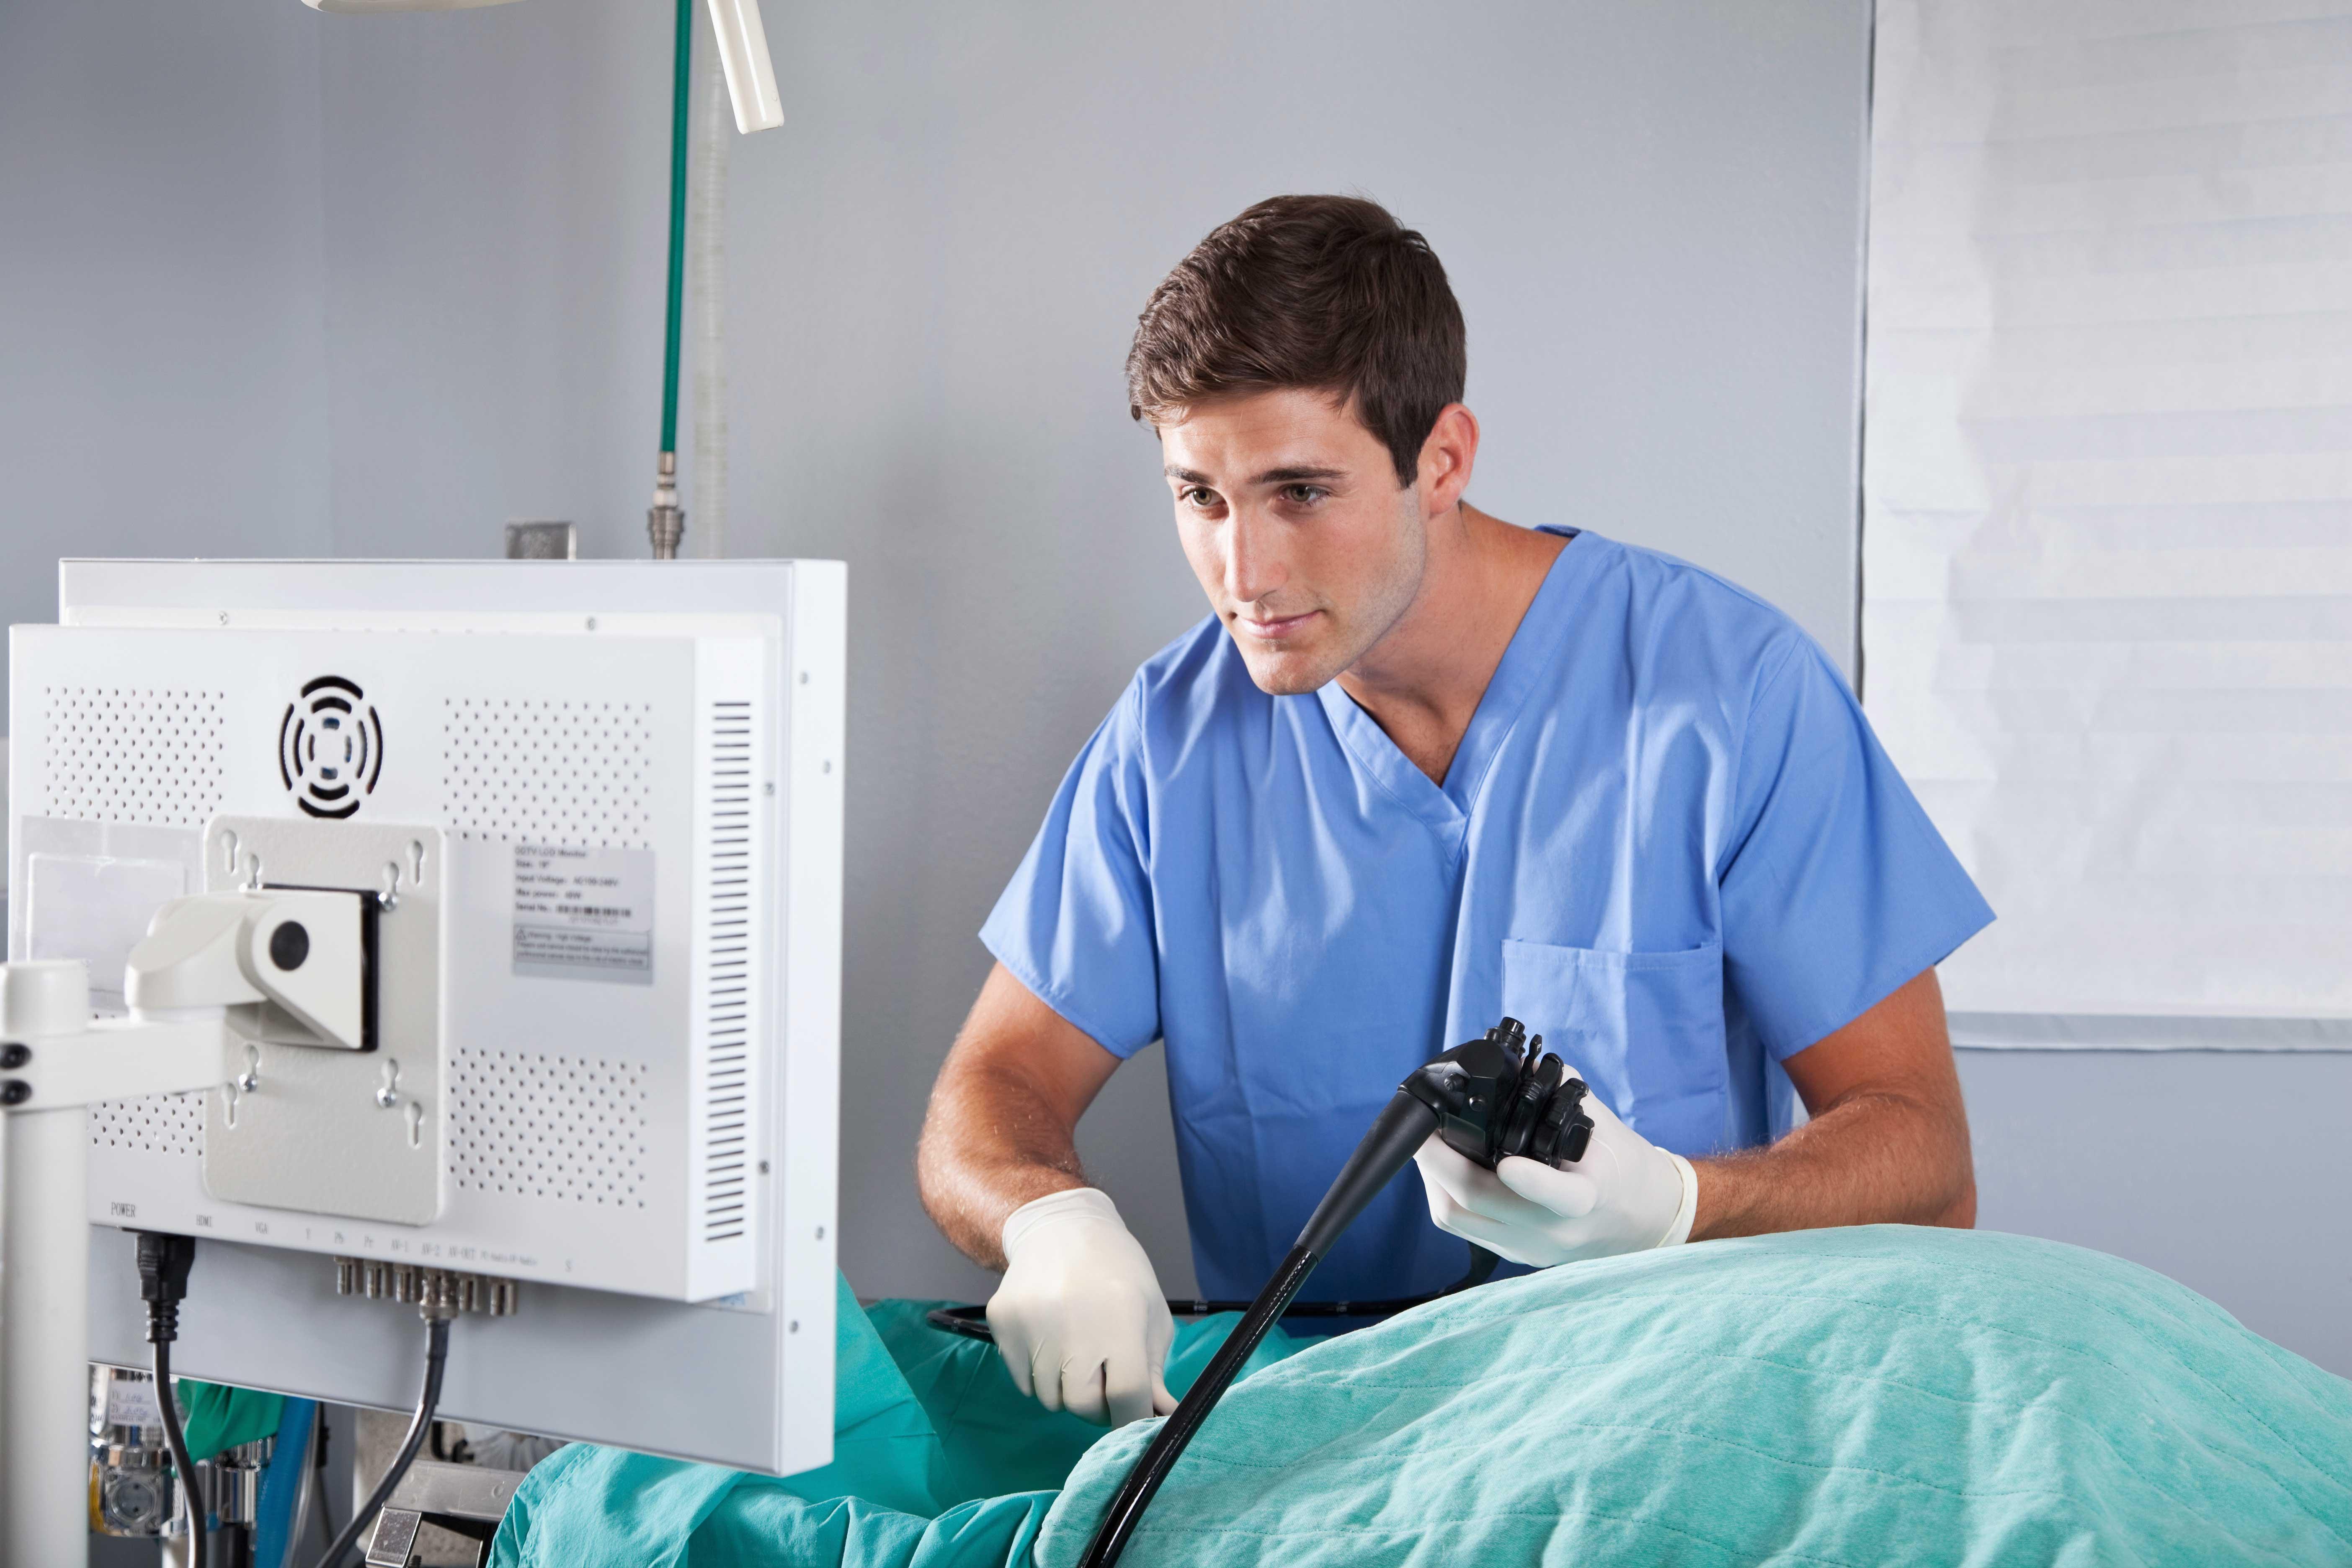 Эндоскопические операции в гинекологии пособие для врачей. что такое эндоскопия матки. преимущества лапароскопической техники несомненны